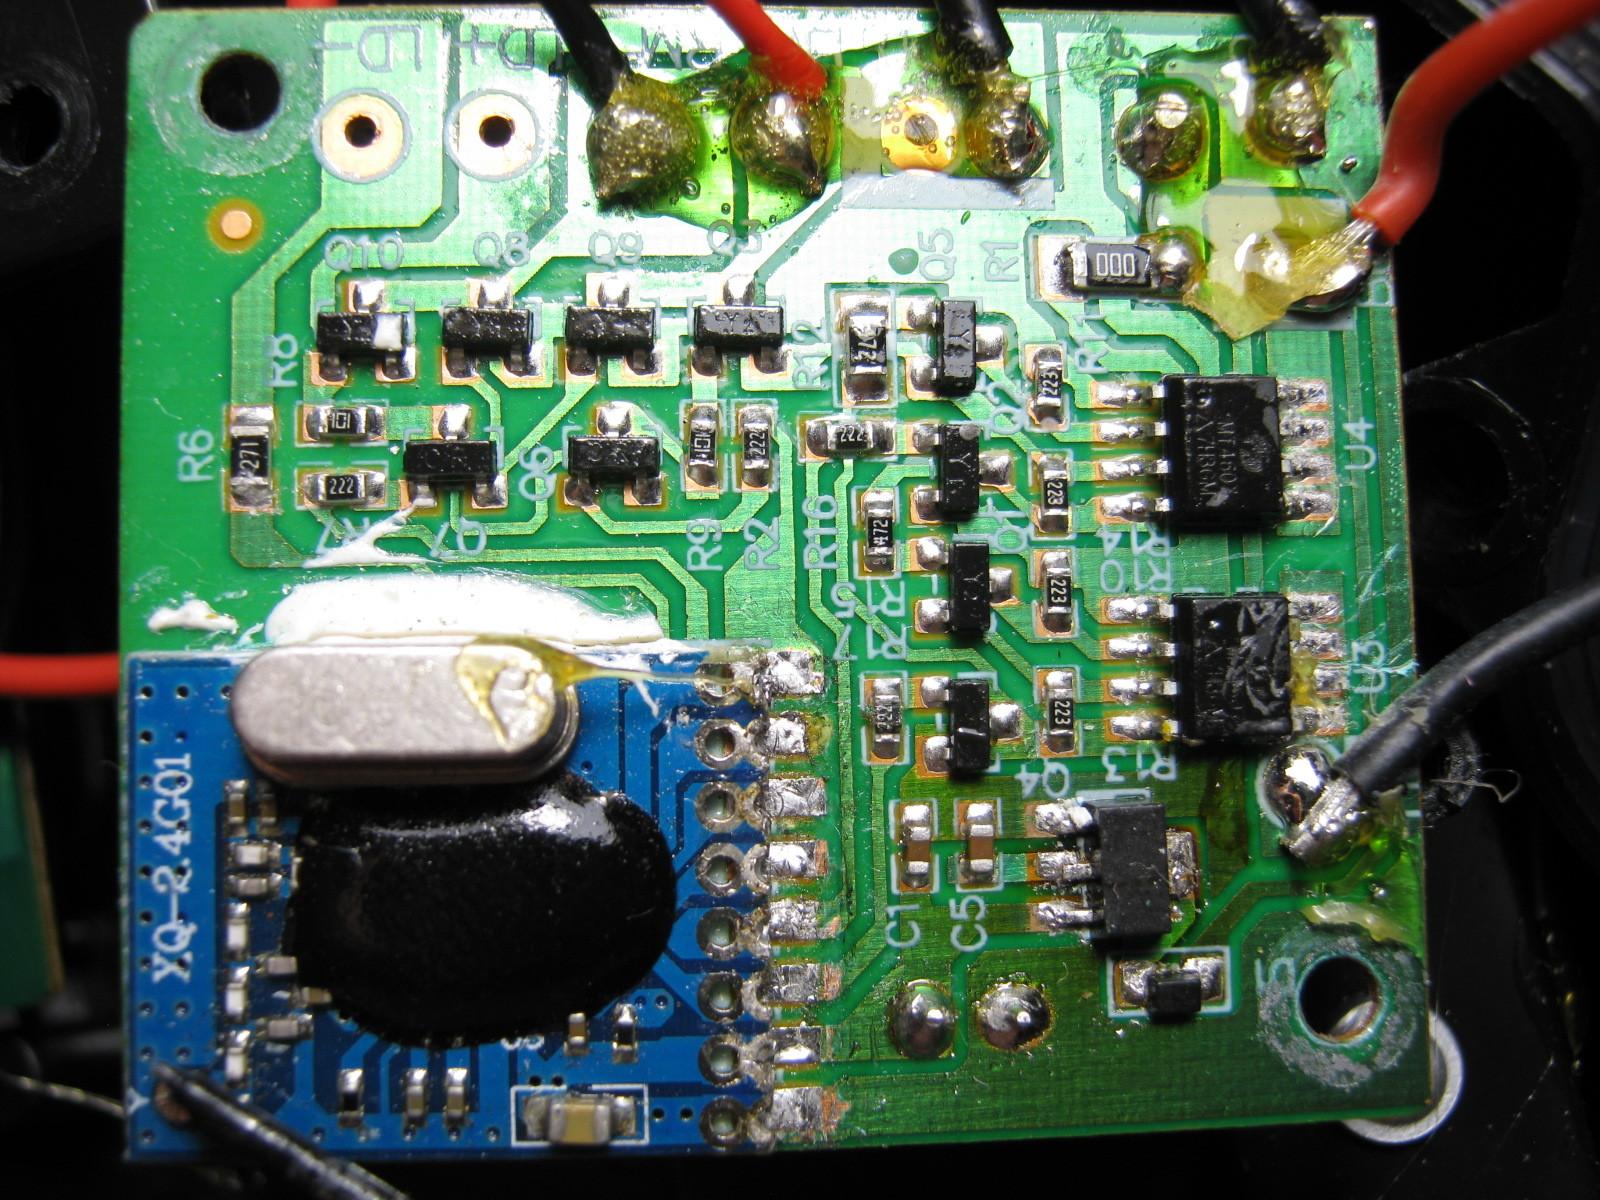 CCP社W-DRIVEプラスの2.4GHzRFモジュール換装コントローラメイン基板